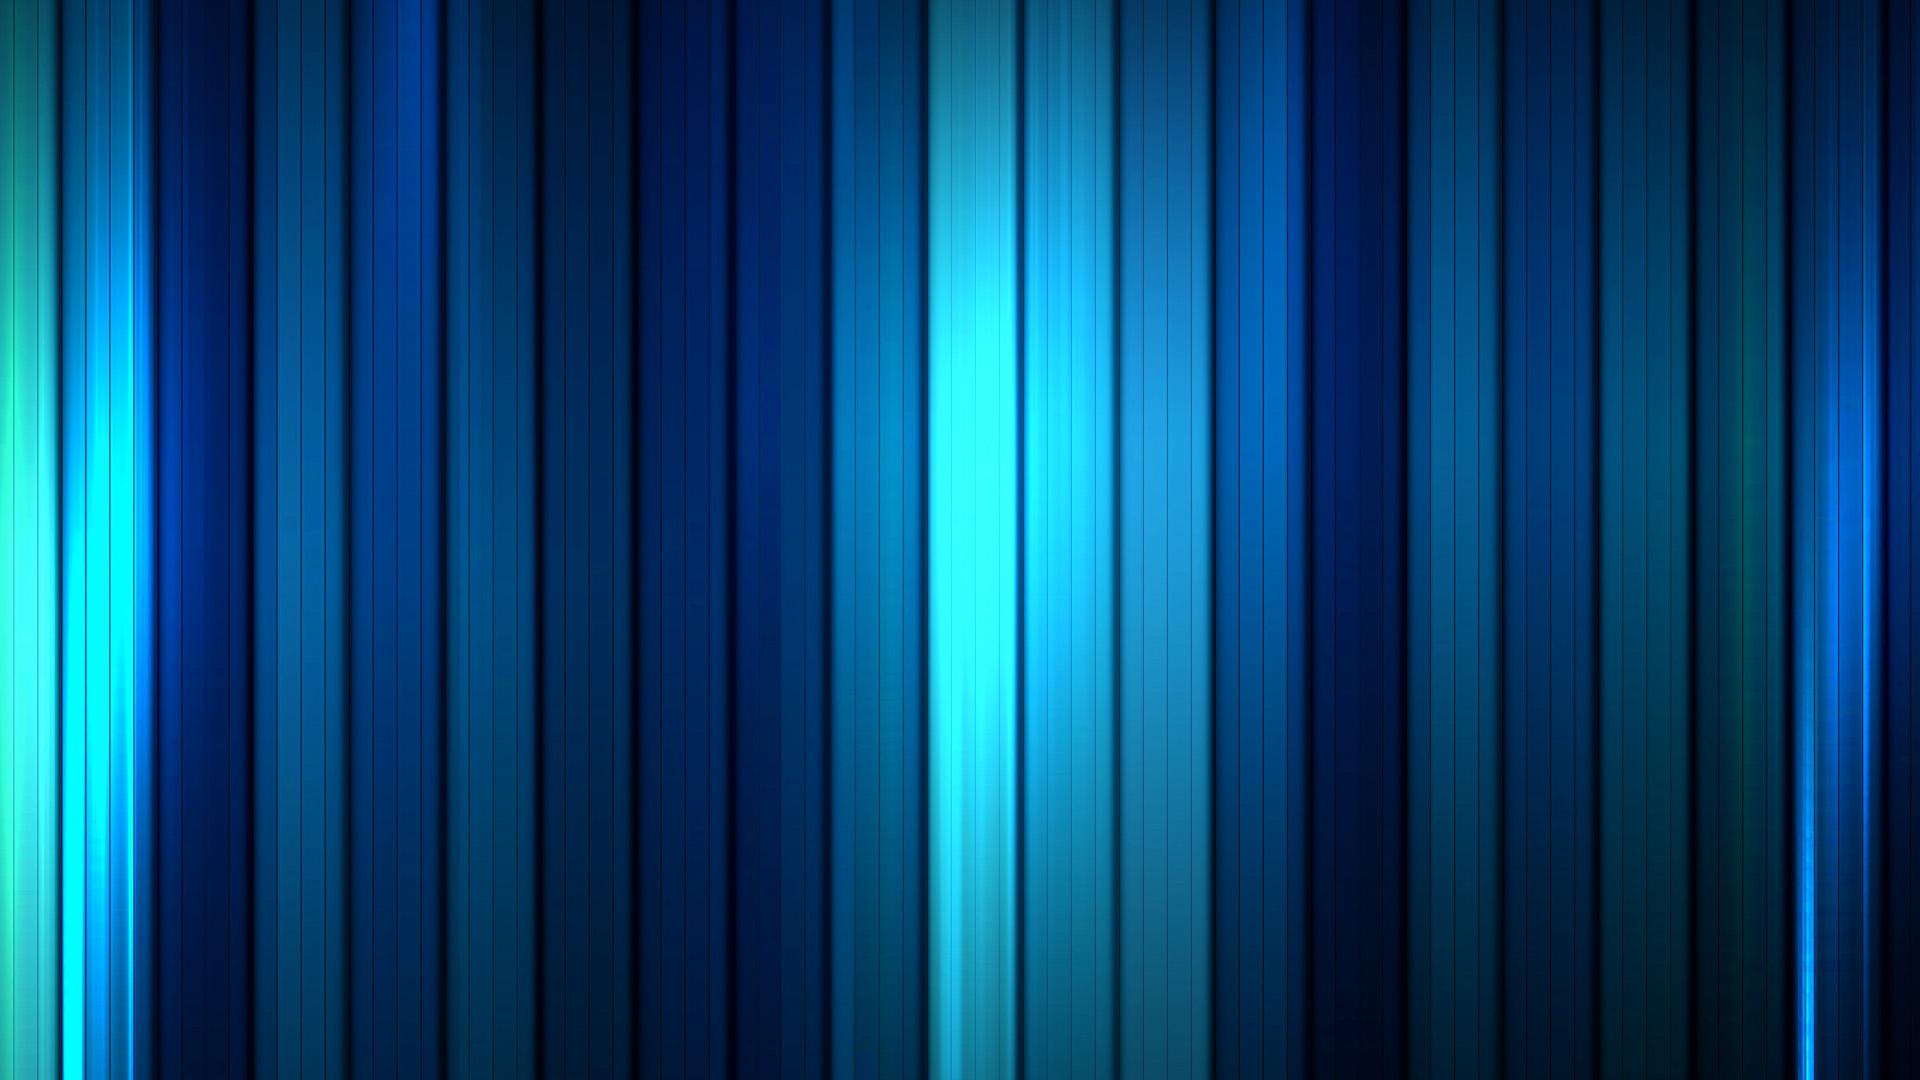 fractal hd backgrounds